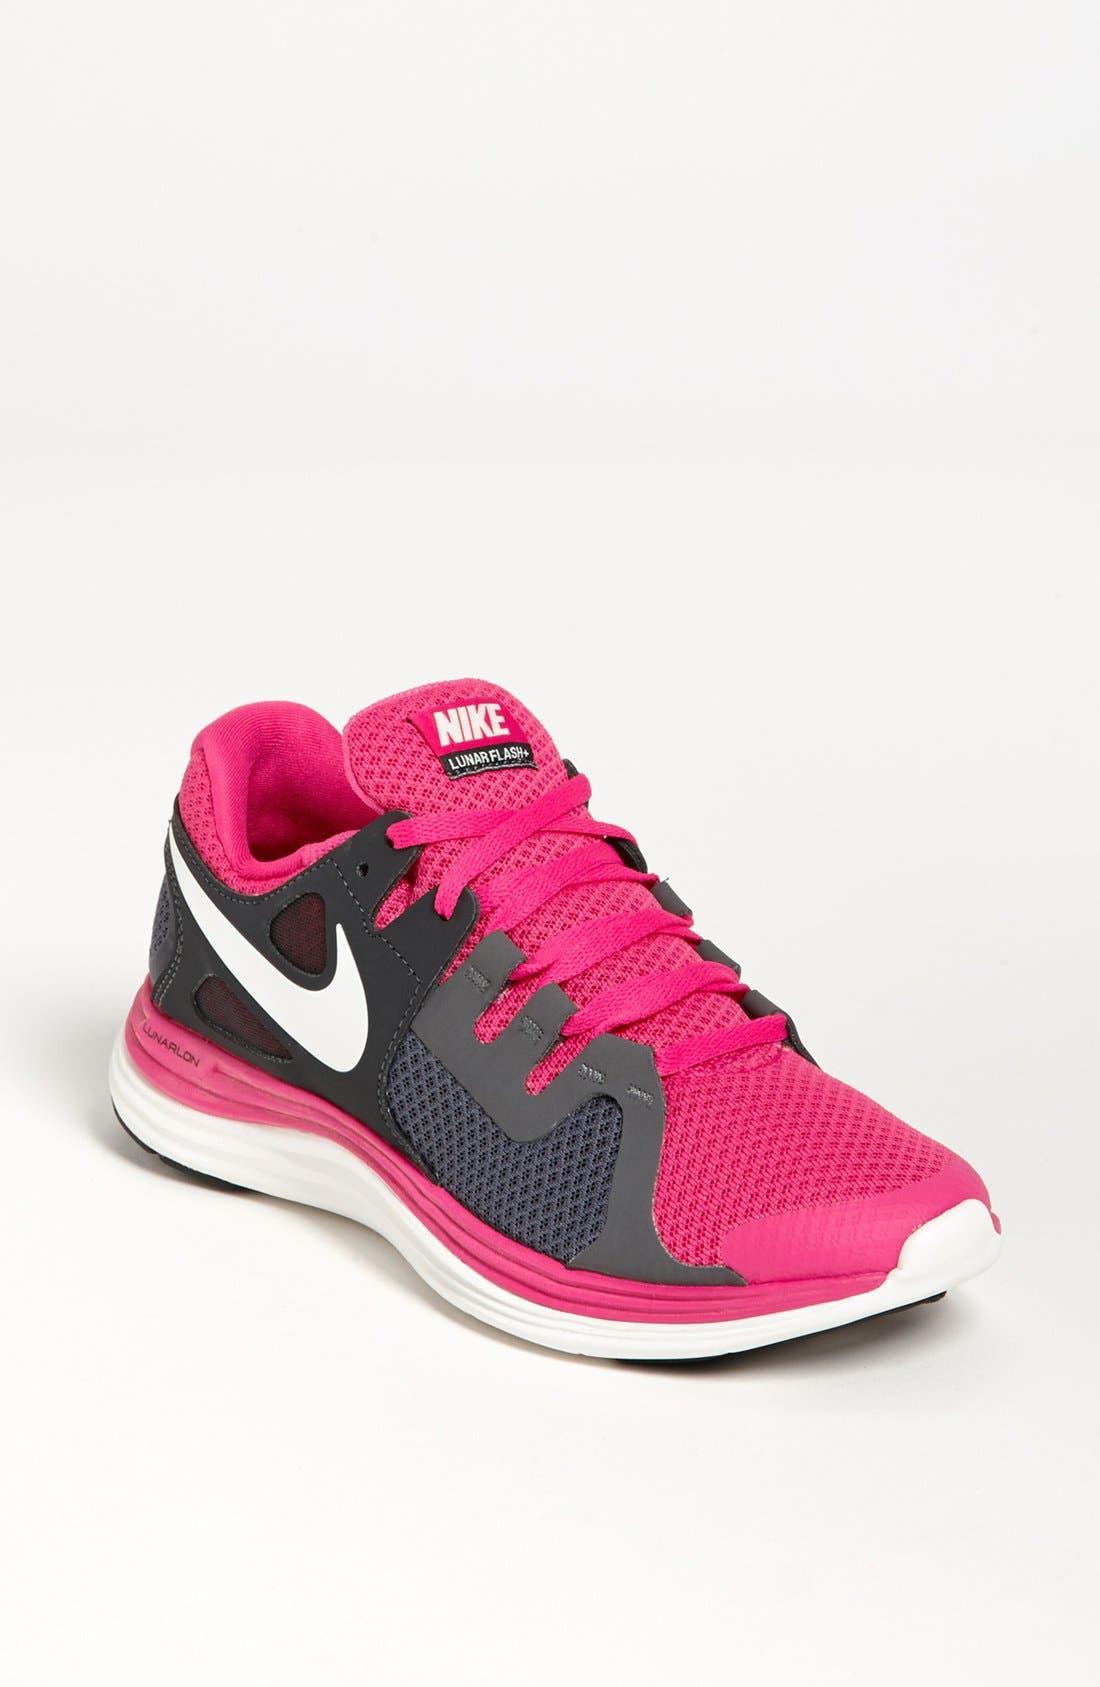 Alternate Image 1 Selected - Nike 'Lunarflash' Running Shoe (Women)